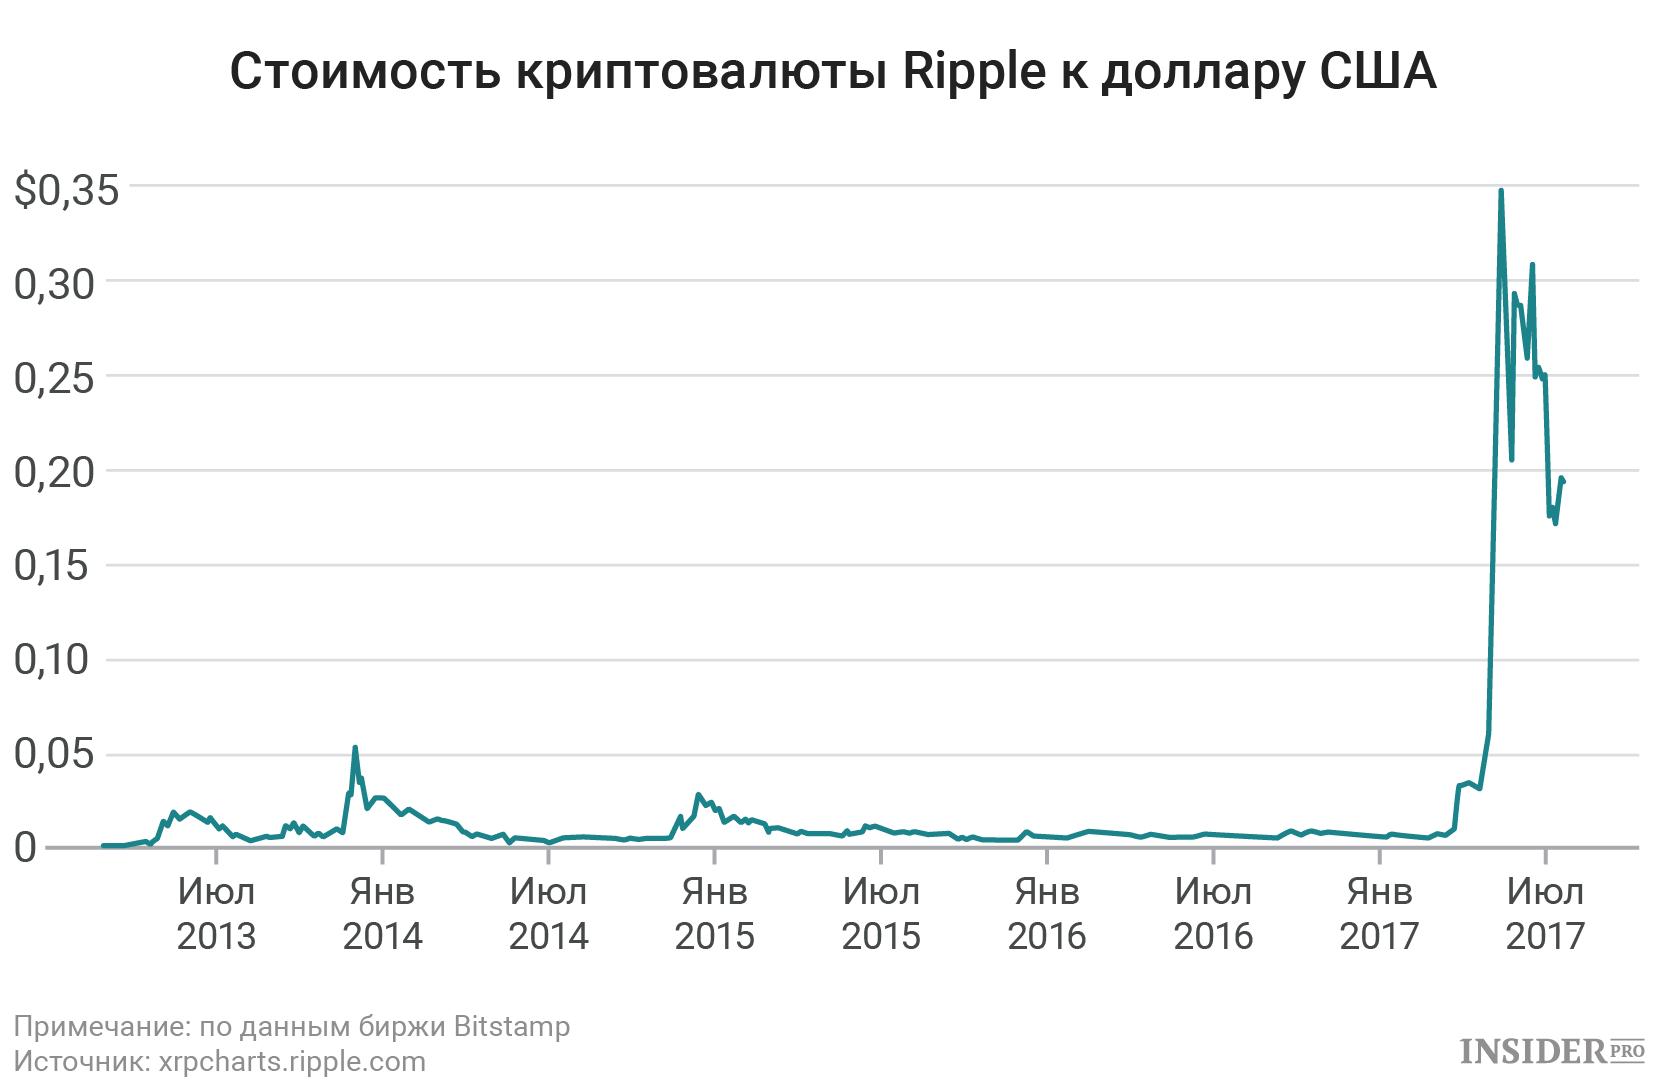 Рипл криптовалюта мультивалютный кошелек криптовалют 2019